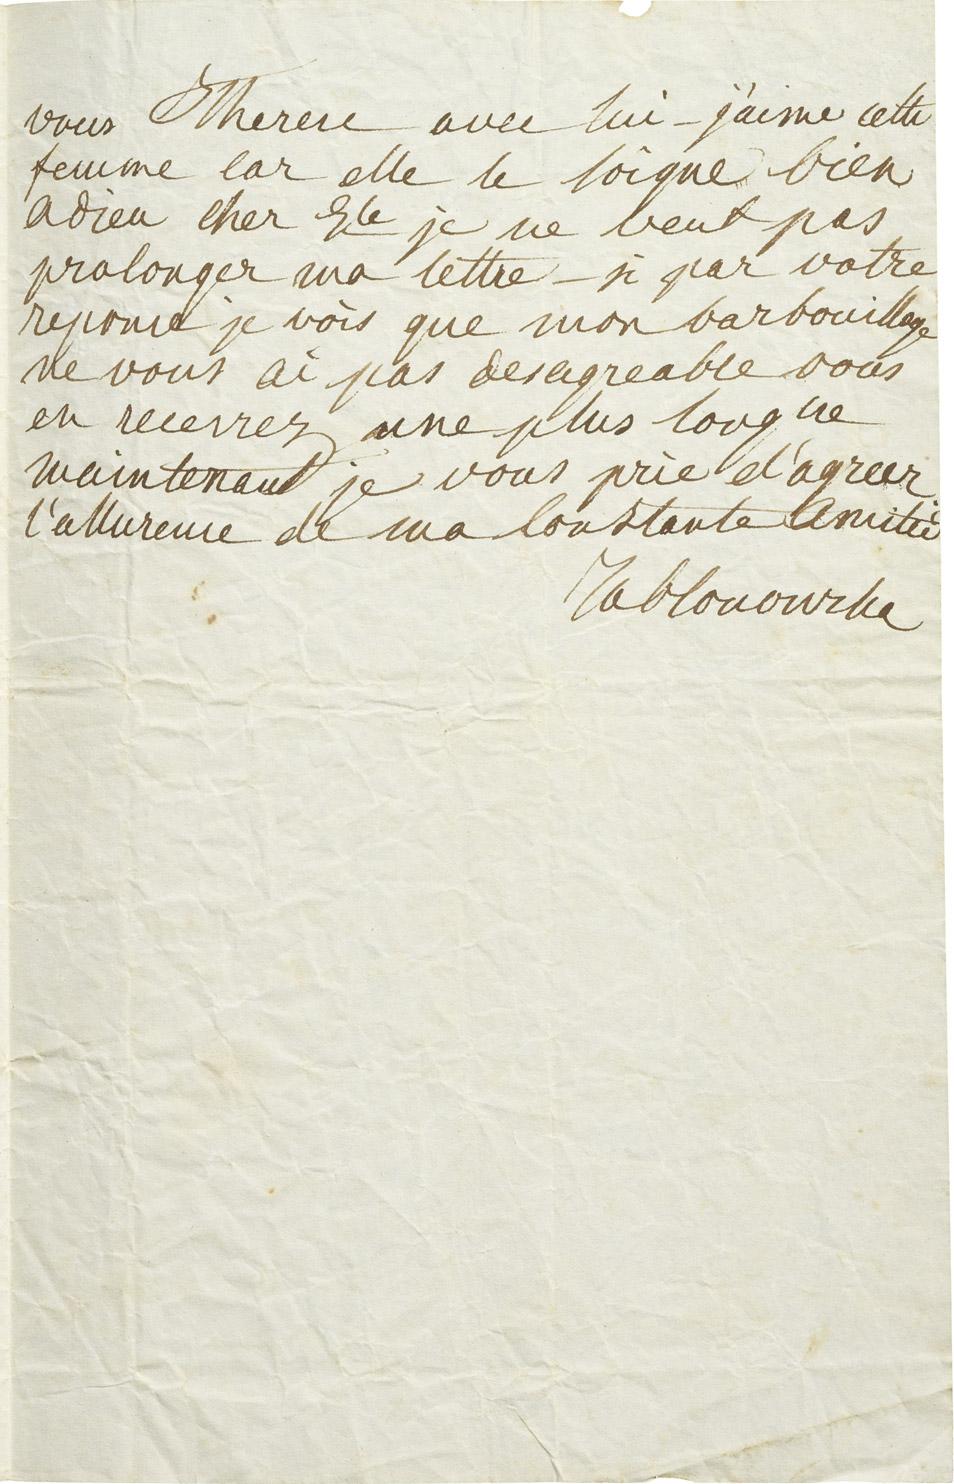 Lettre de la princesse Jablonowska au général d'Ornano - Patrimoine Charles-André COLONNA WALEWSKI, en ligne directe de Napoléon